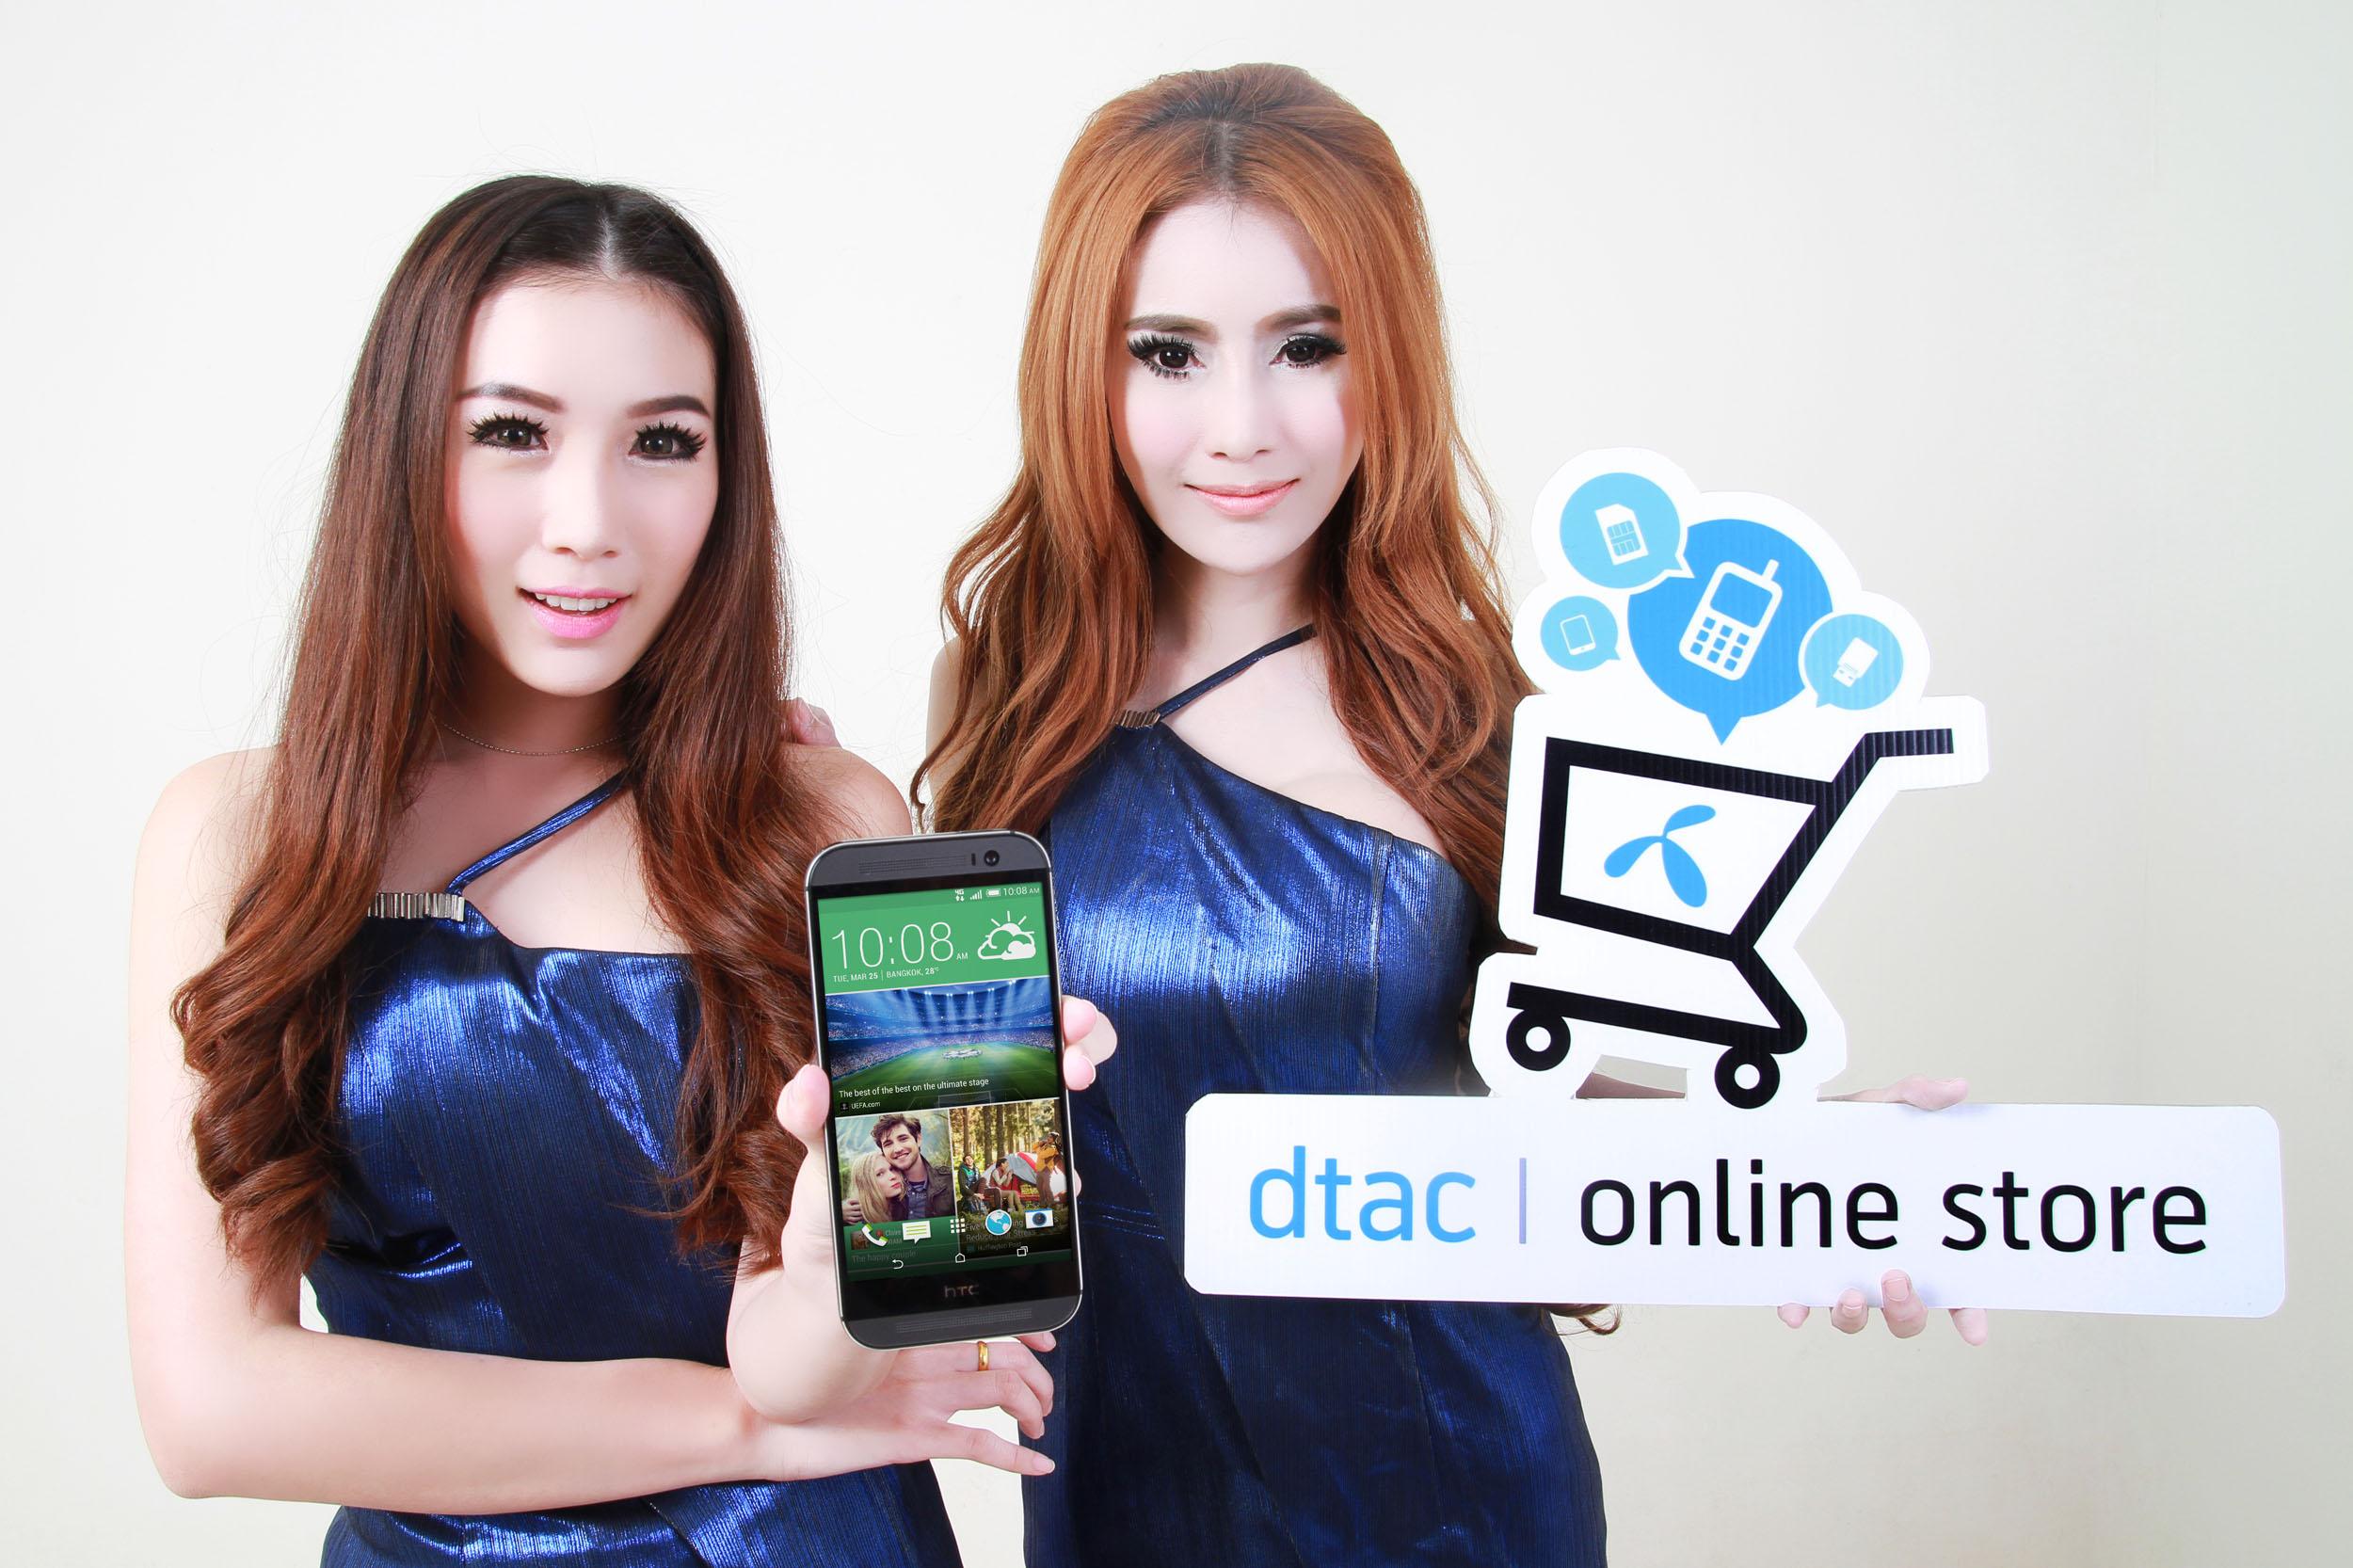 dtacHTC_5160 (1)